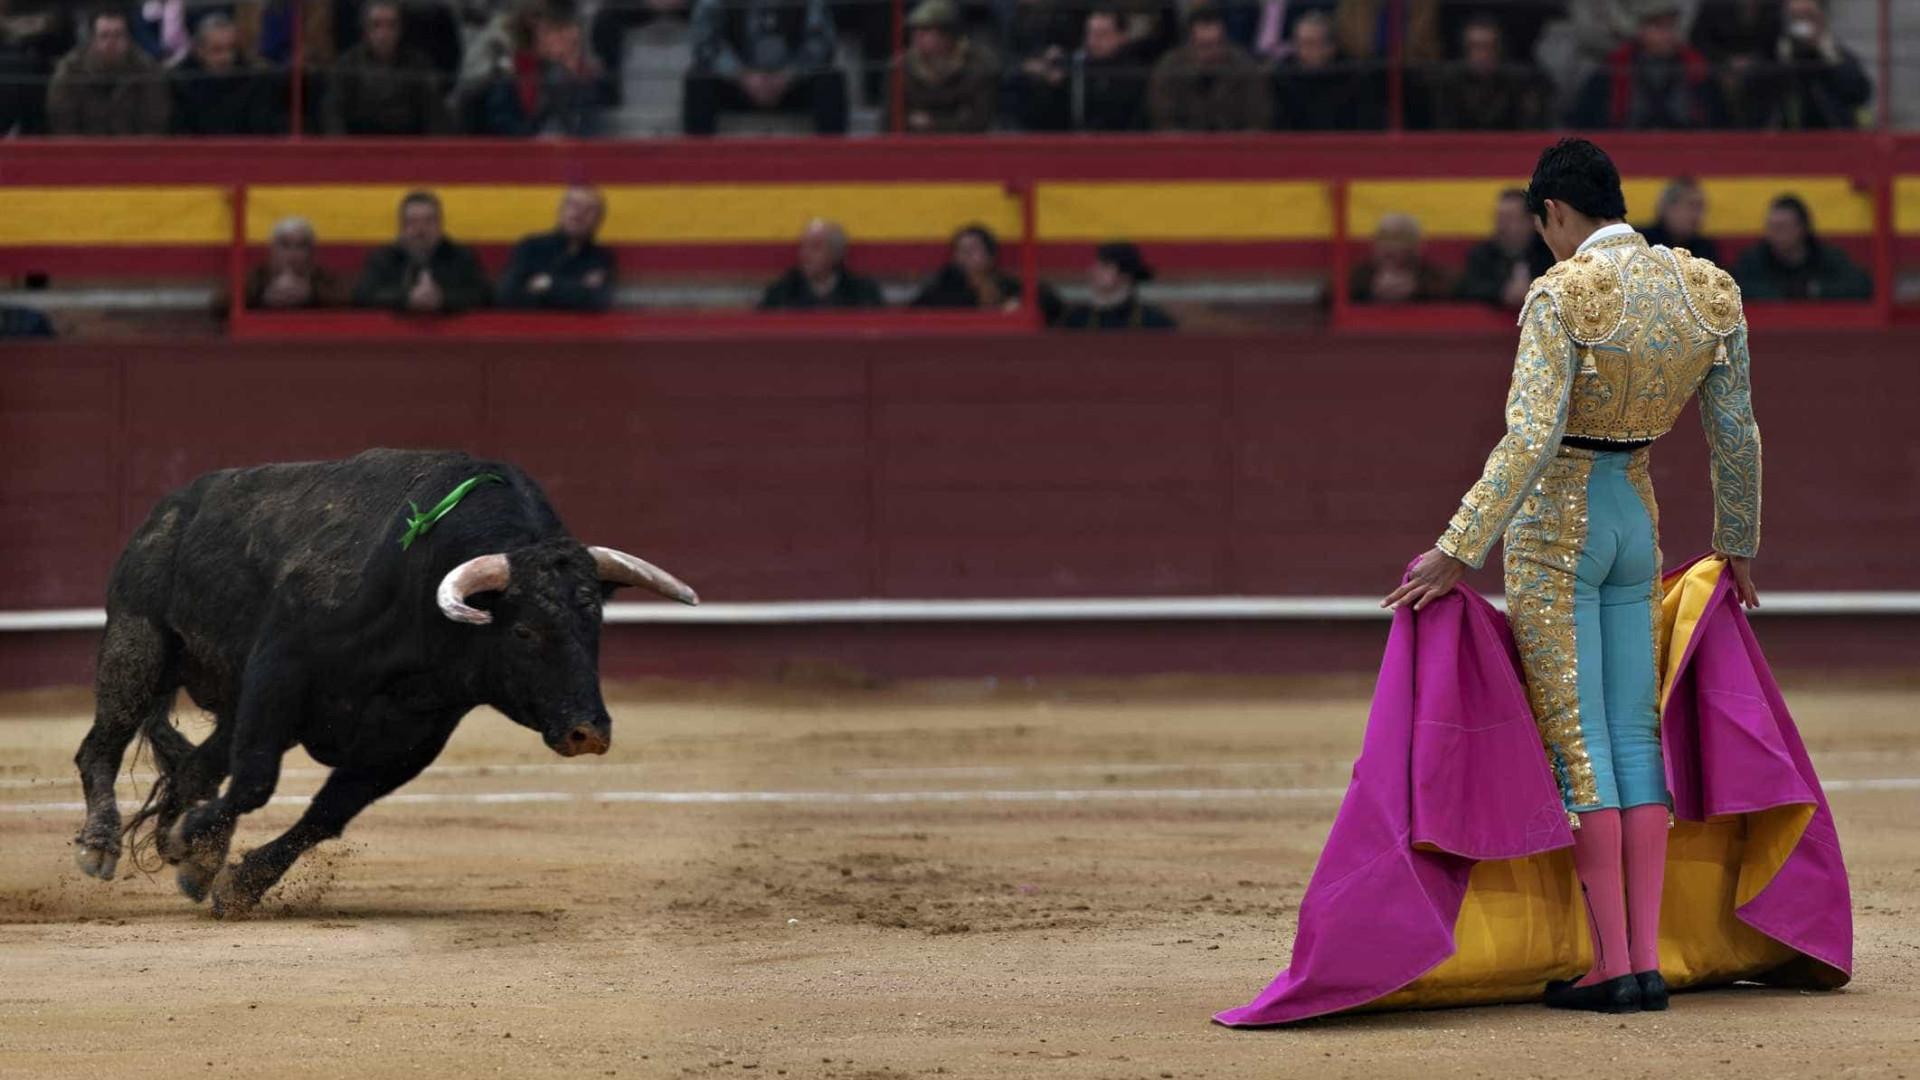 """Corrida de touros: """"Objetivo era manietar a liberdade de escolha do país"""""""